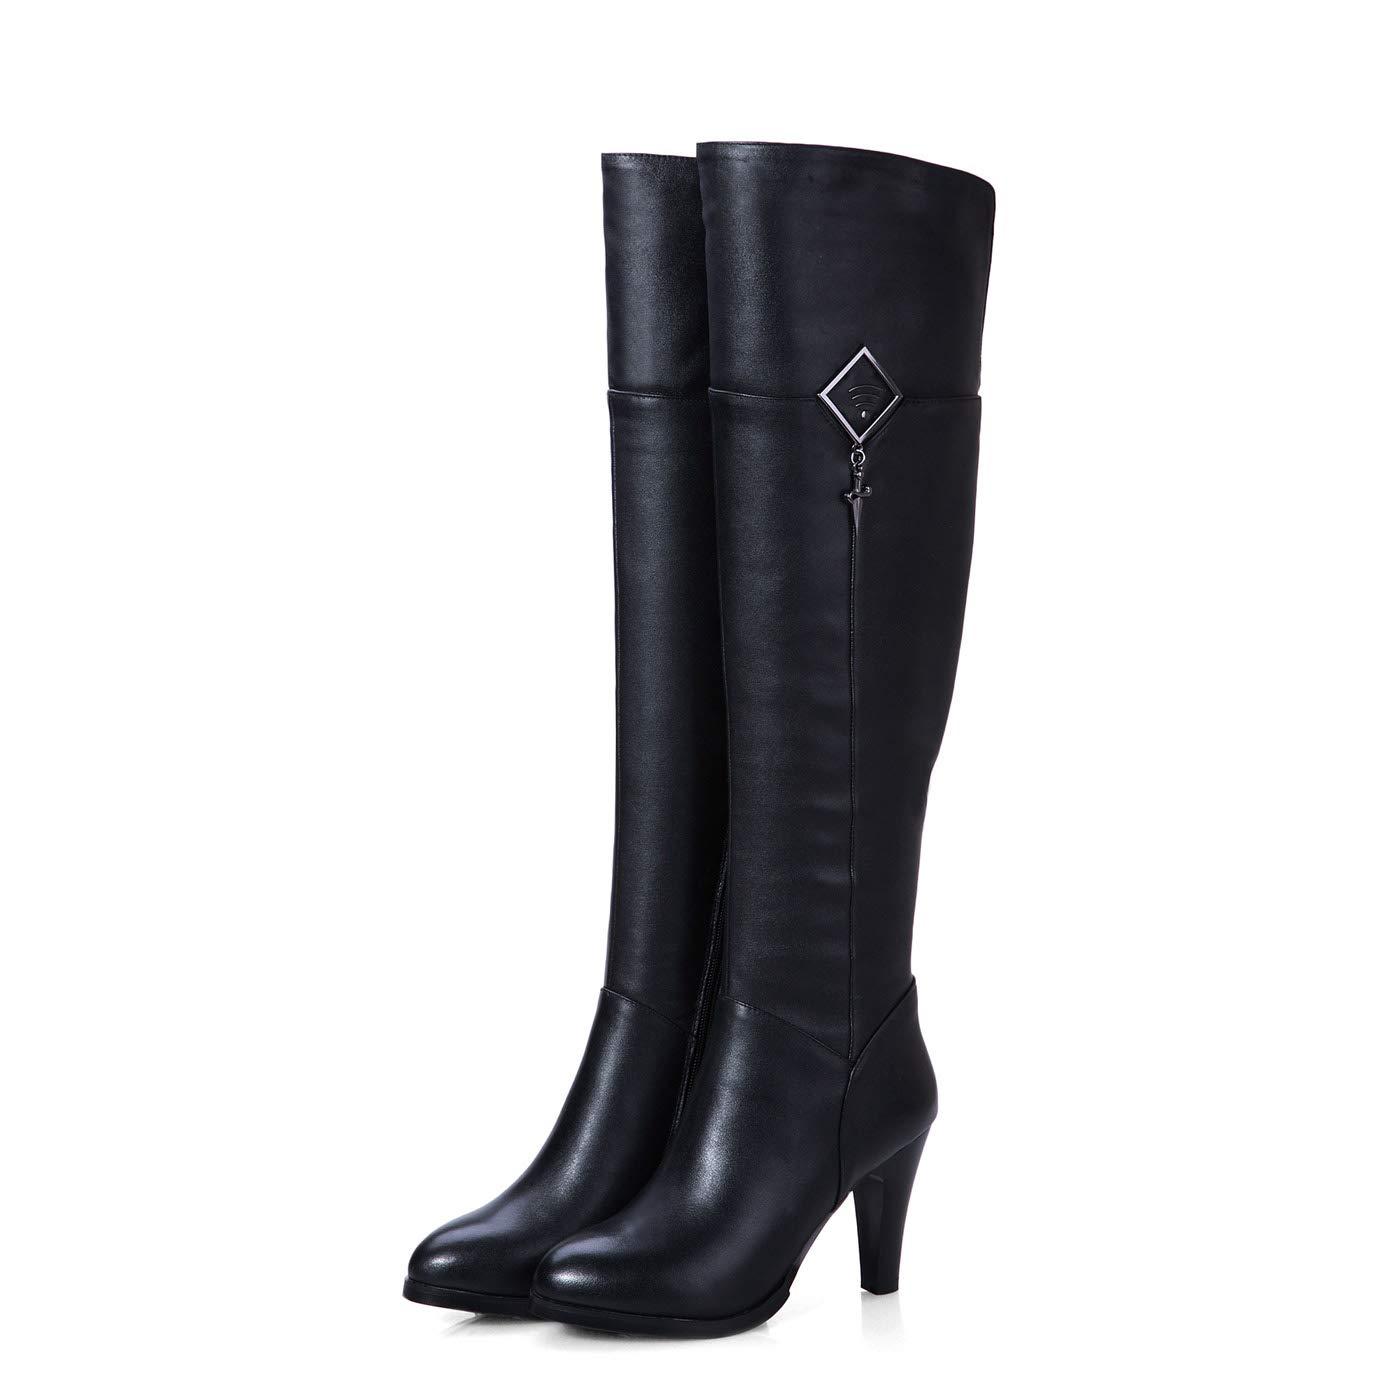 DANDANJIE Damen Overknee Stiefel Stiefel Stiefel mit Reißverschluss High Heel High Stiefel für Outdoor Herbst & Winter 30f6ee